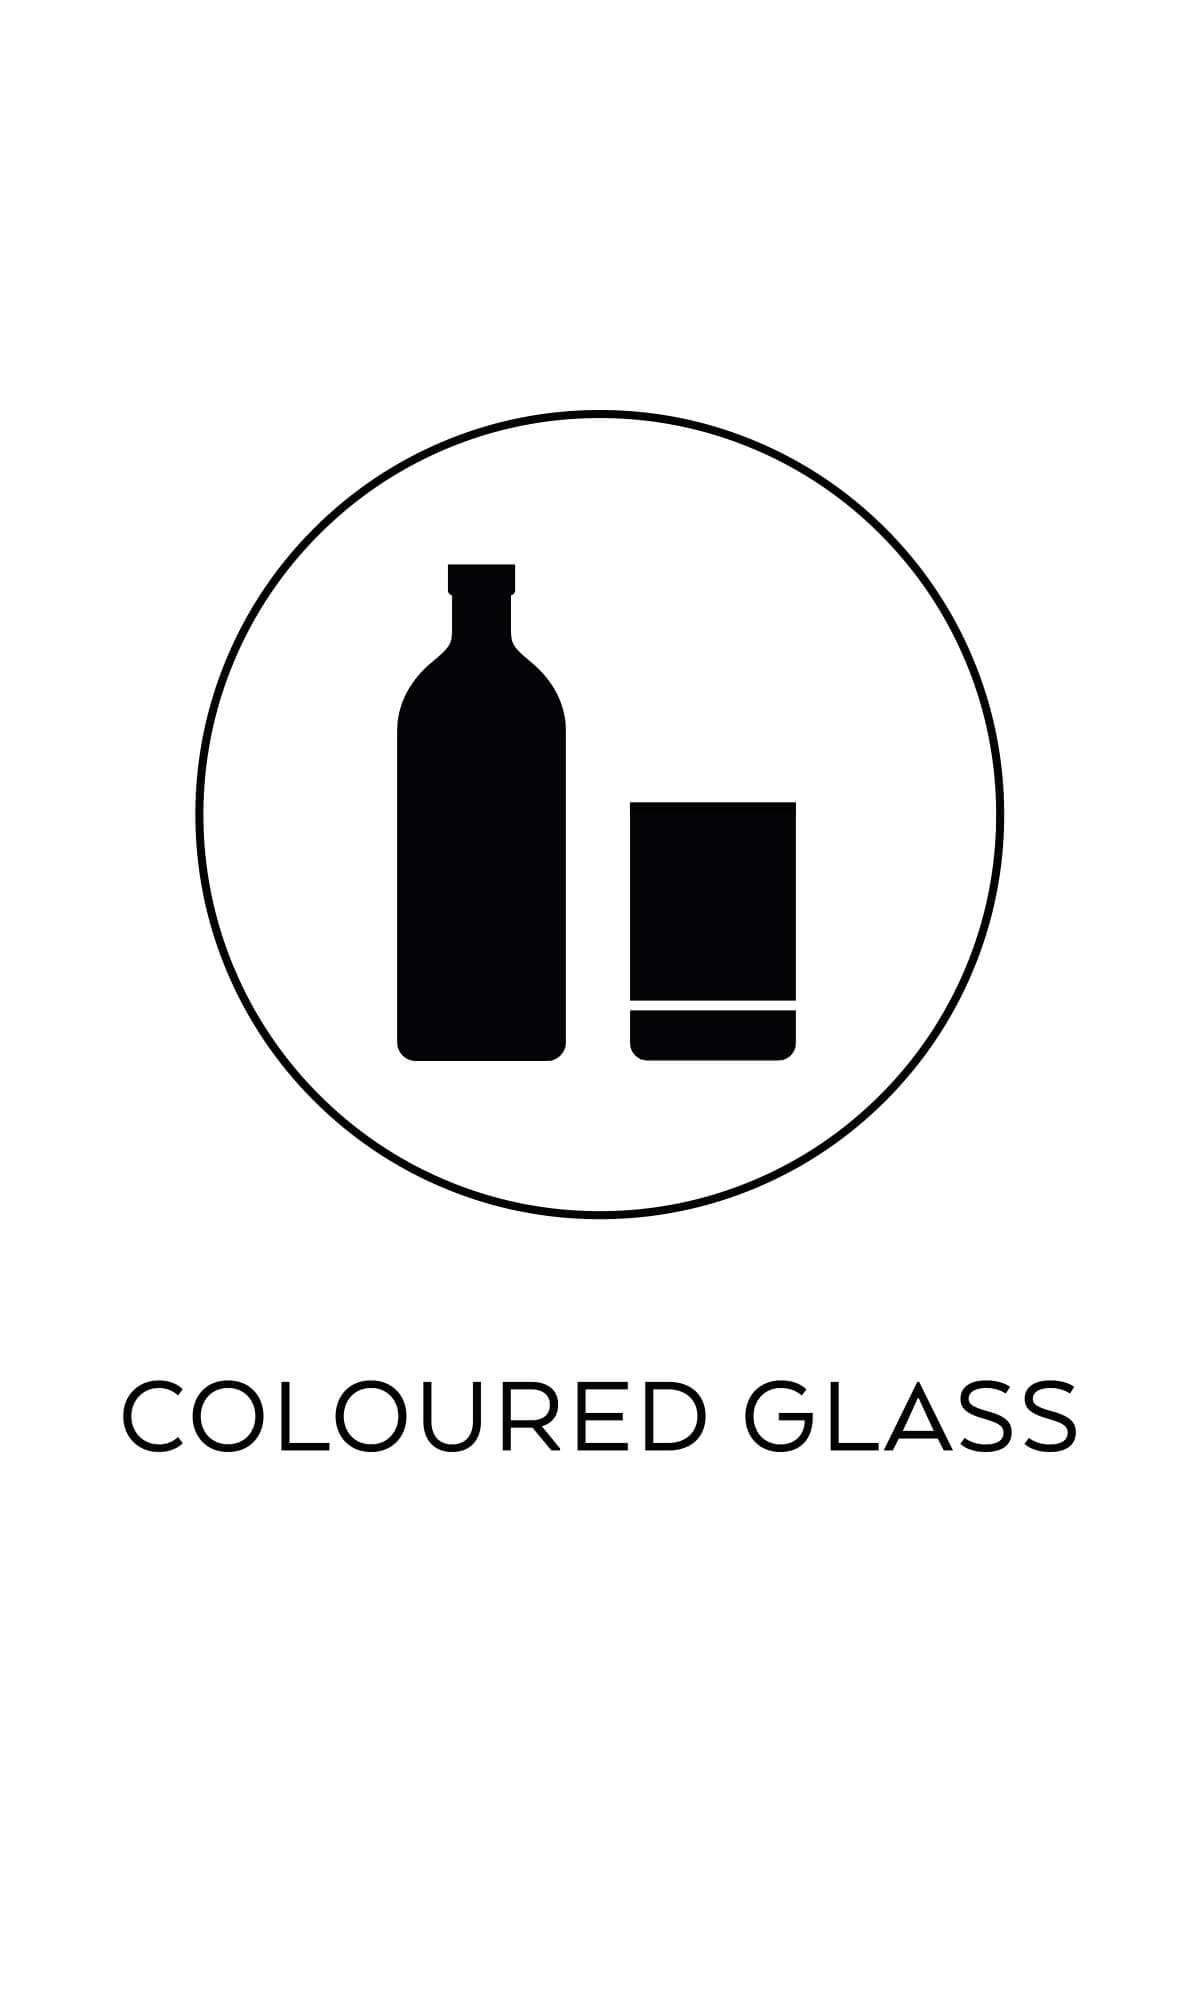 symbol källsortering färgat glas återvinning miljösymboler